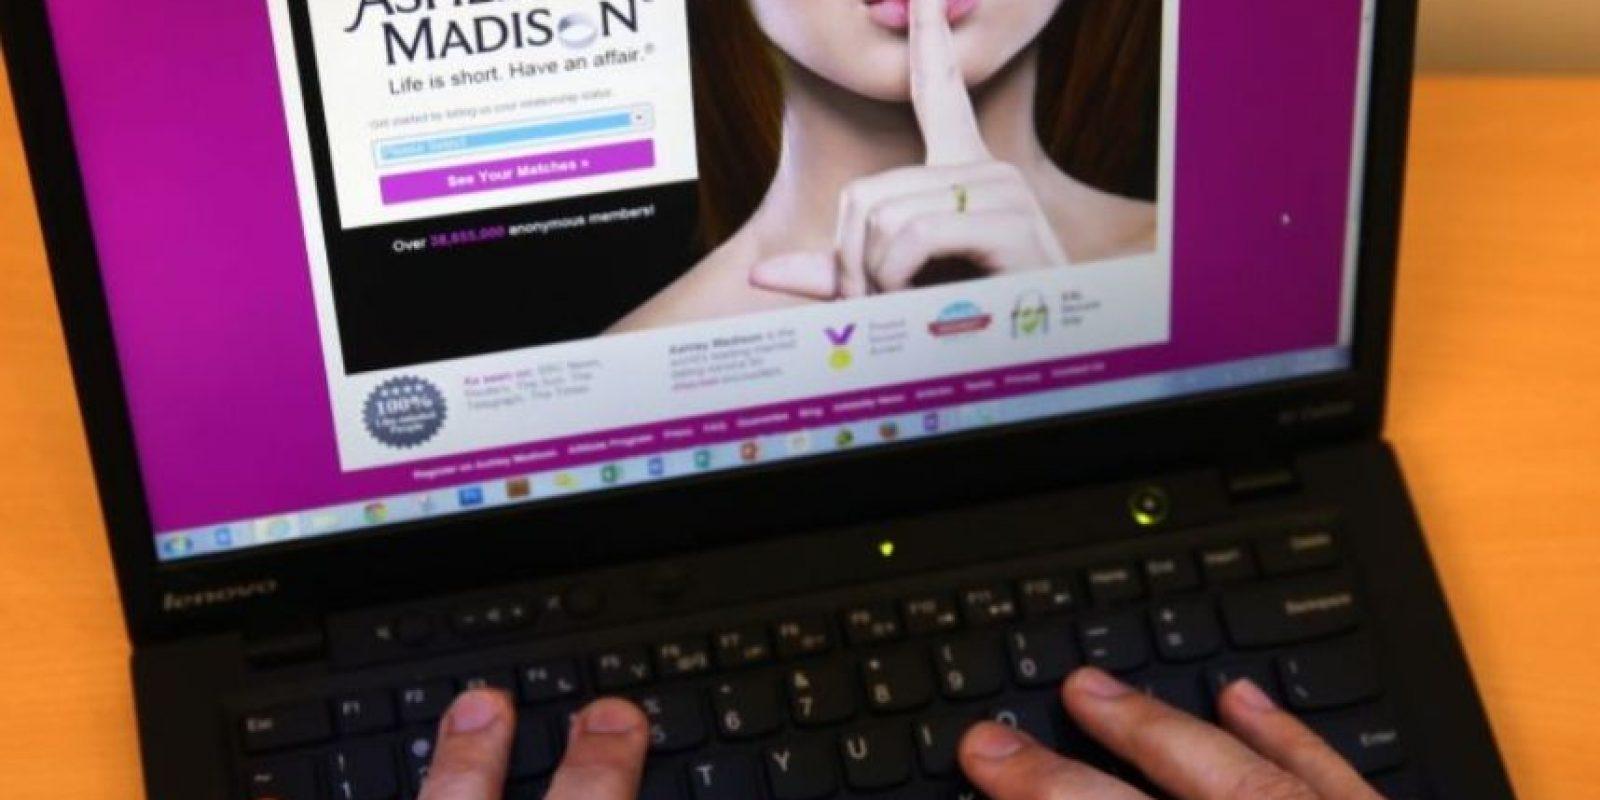 Por ello, exigían que todos los sitios web de la empresa fueran borrados. Foto:Getty Images